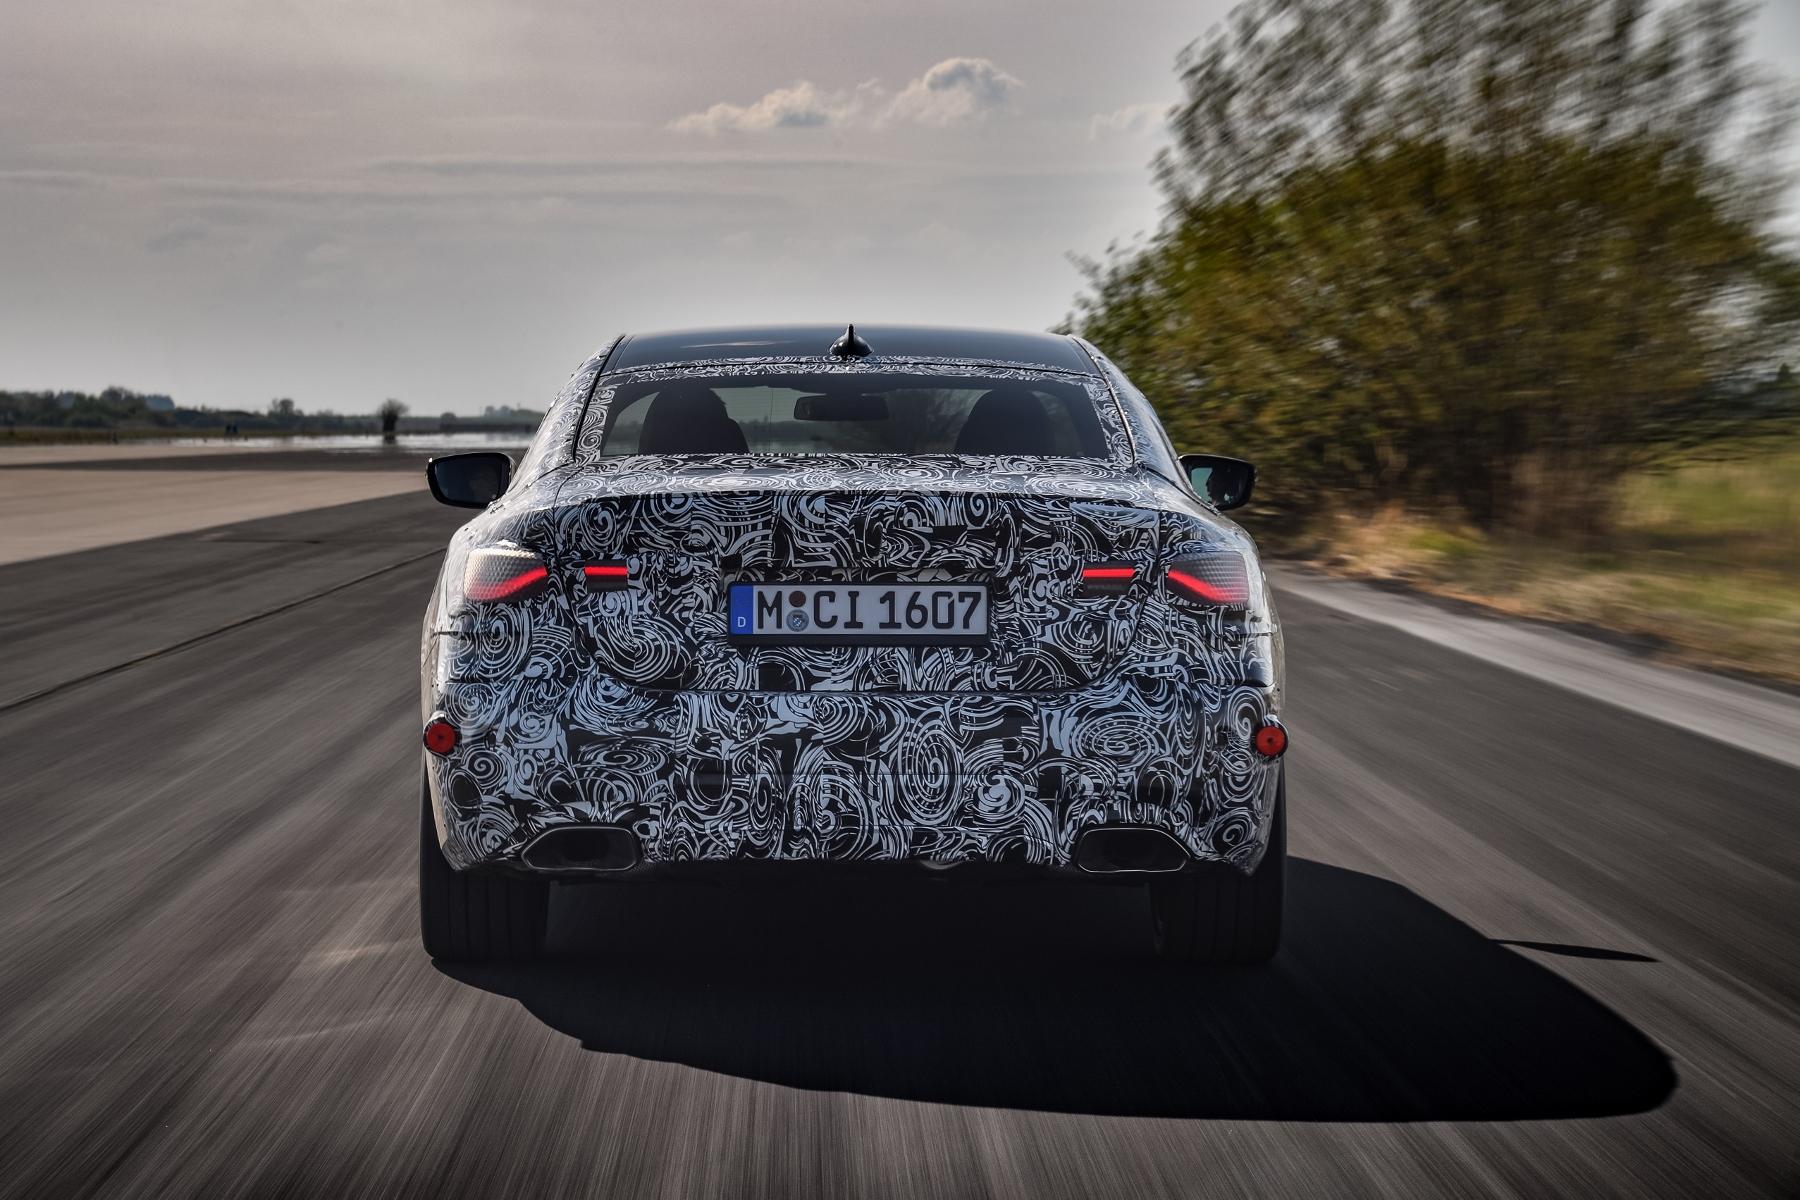 Nové BMW radu 4 Coupé dostane športovejší podvozok N7DCwchEXR bmw-4-coupe-13